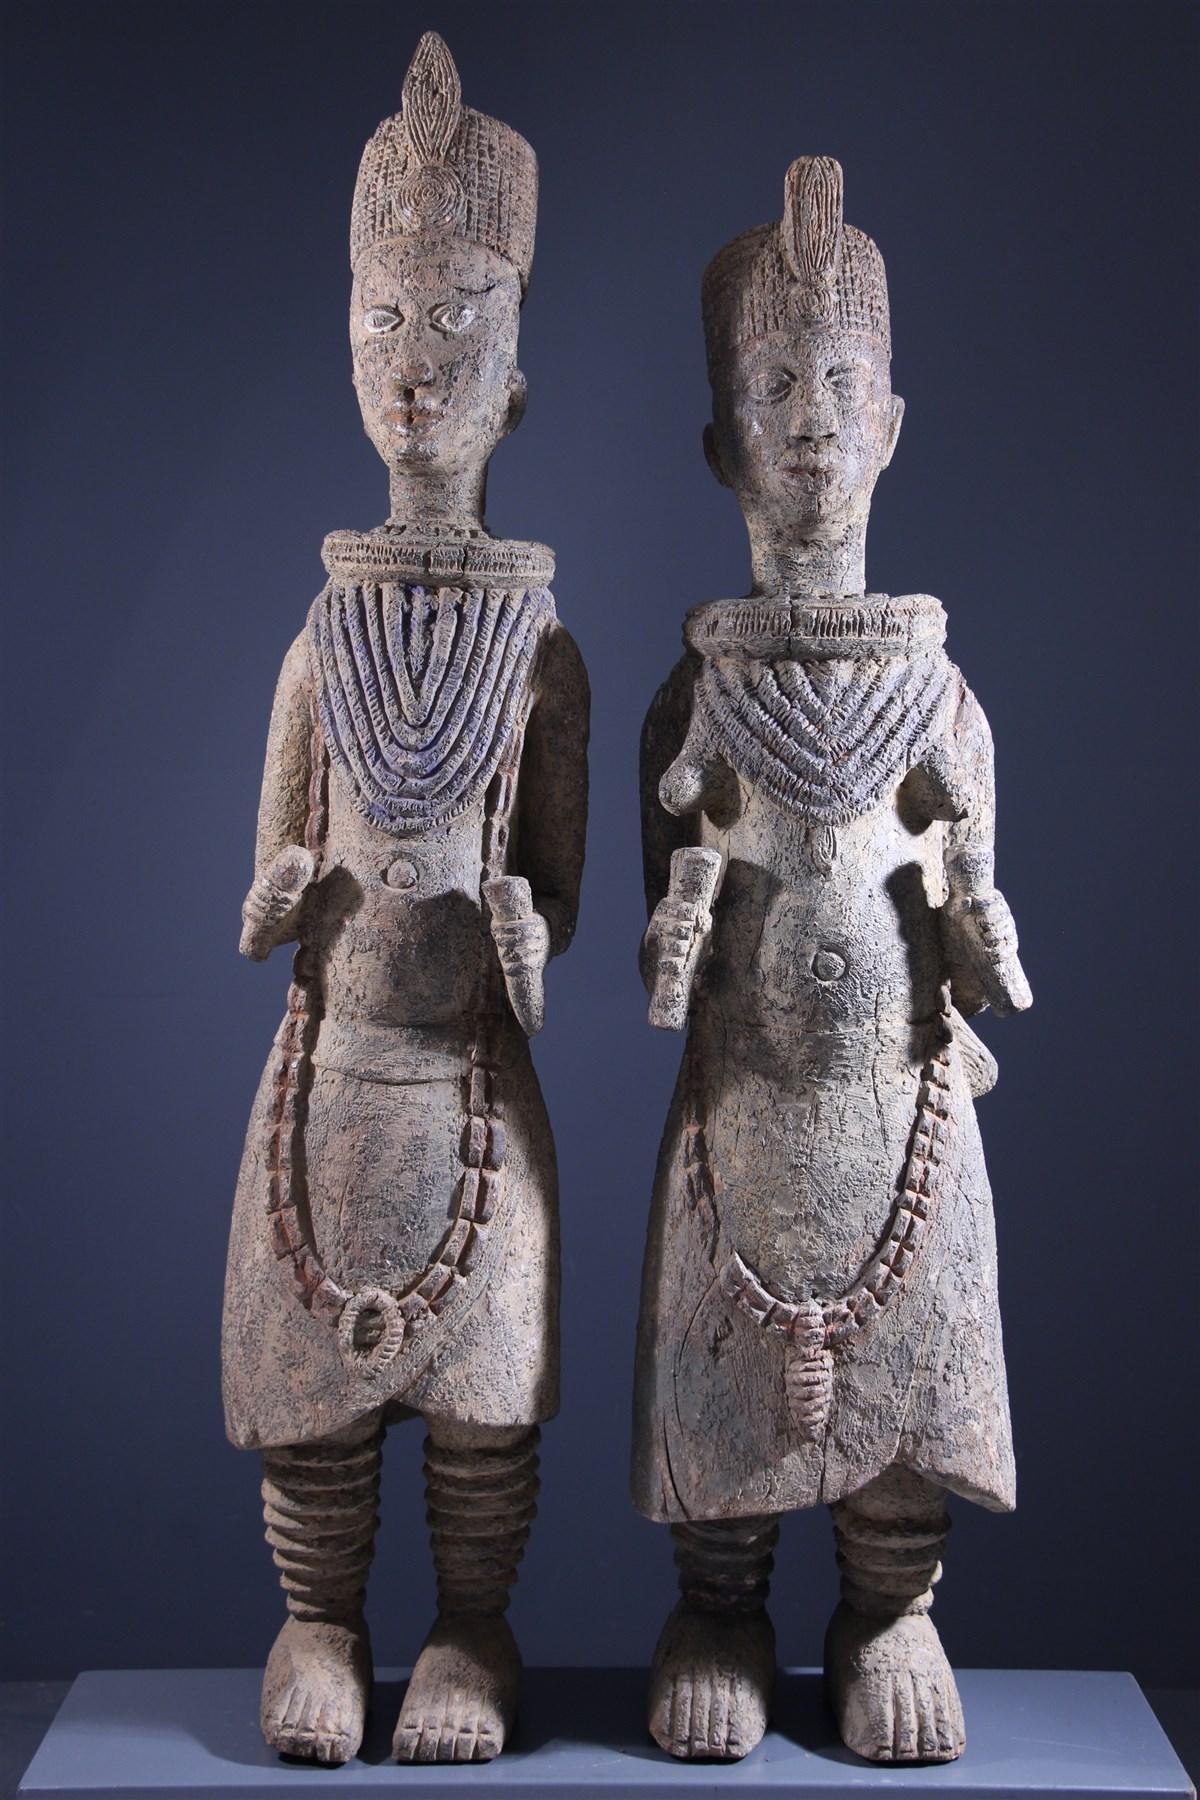 Ife figures - African art